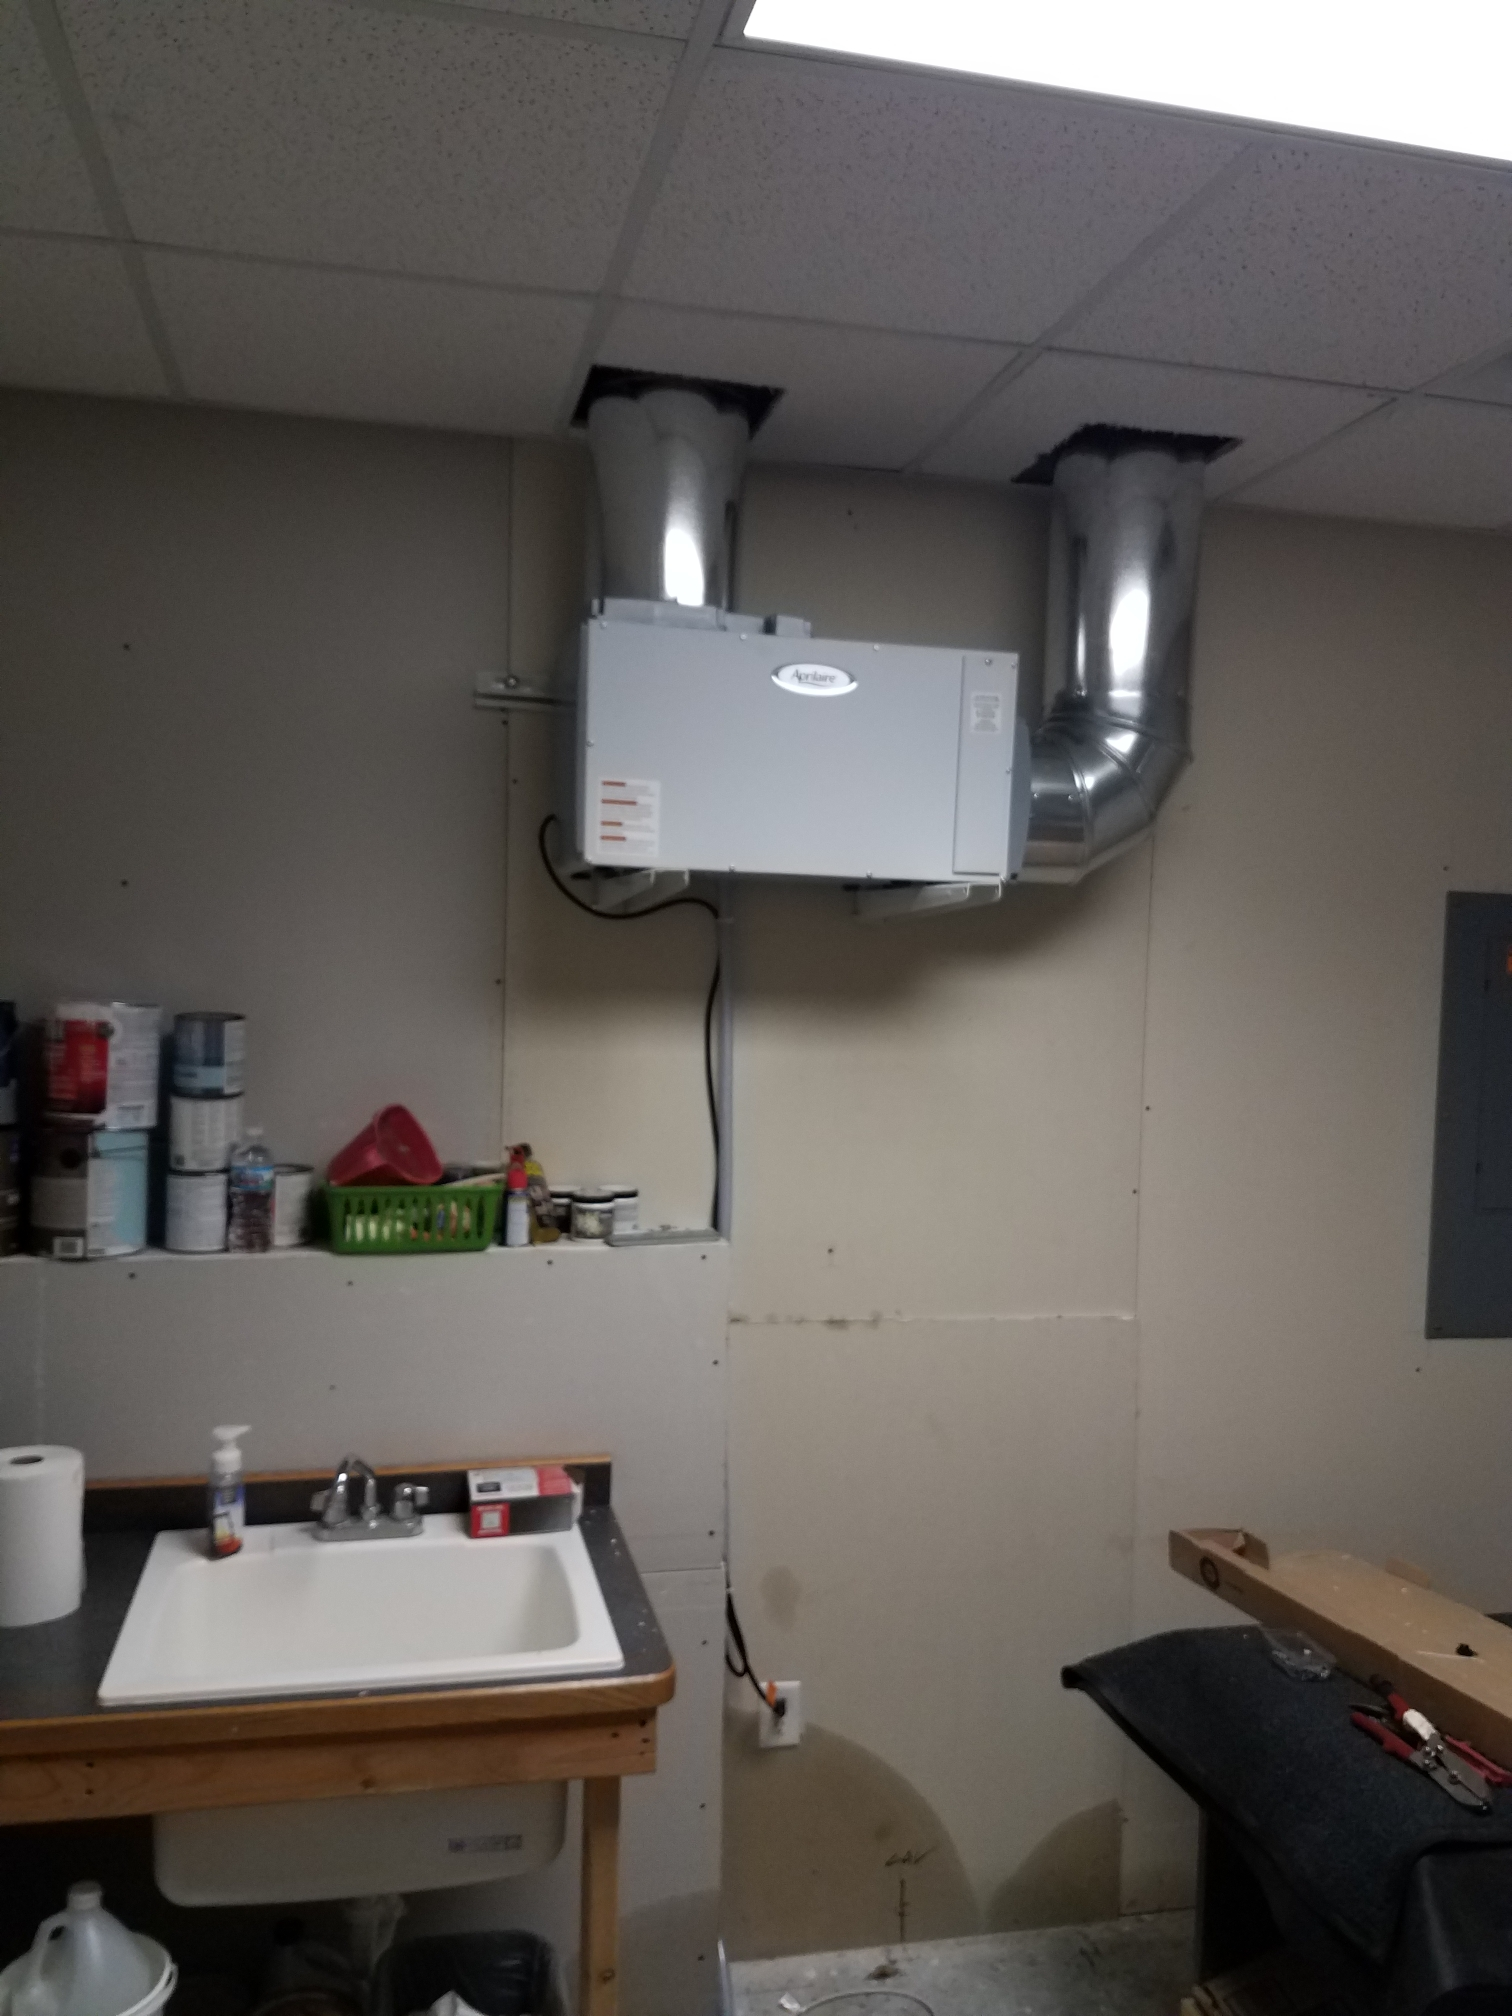 Hanover, MN - Install the Aprilaire dehumidifier